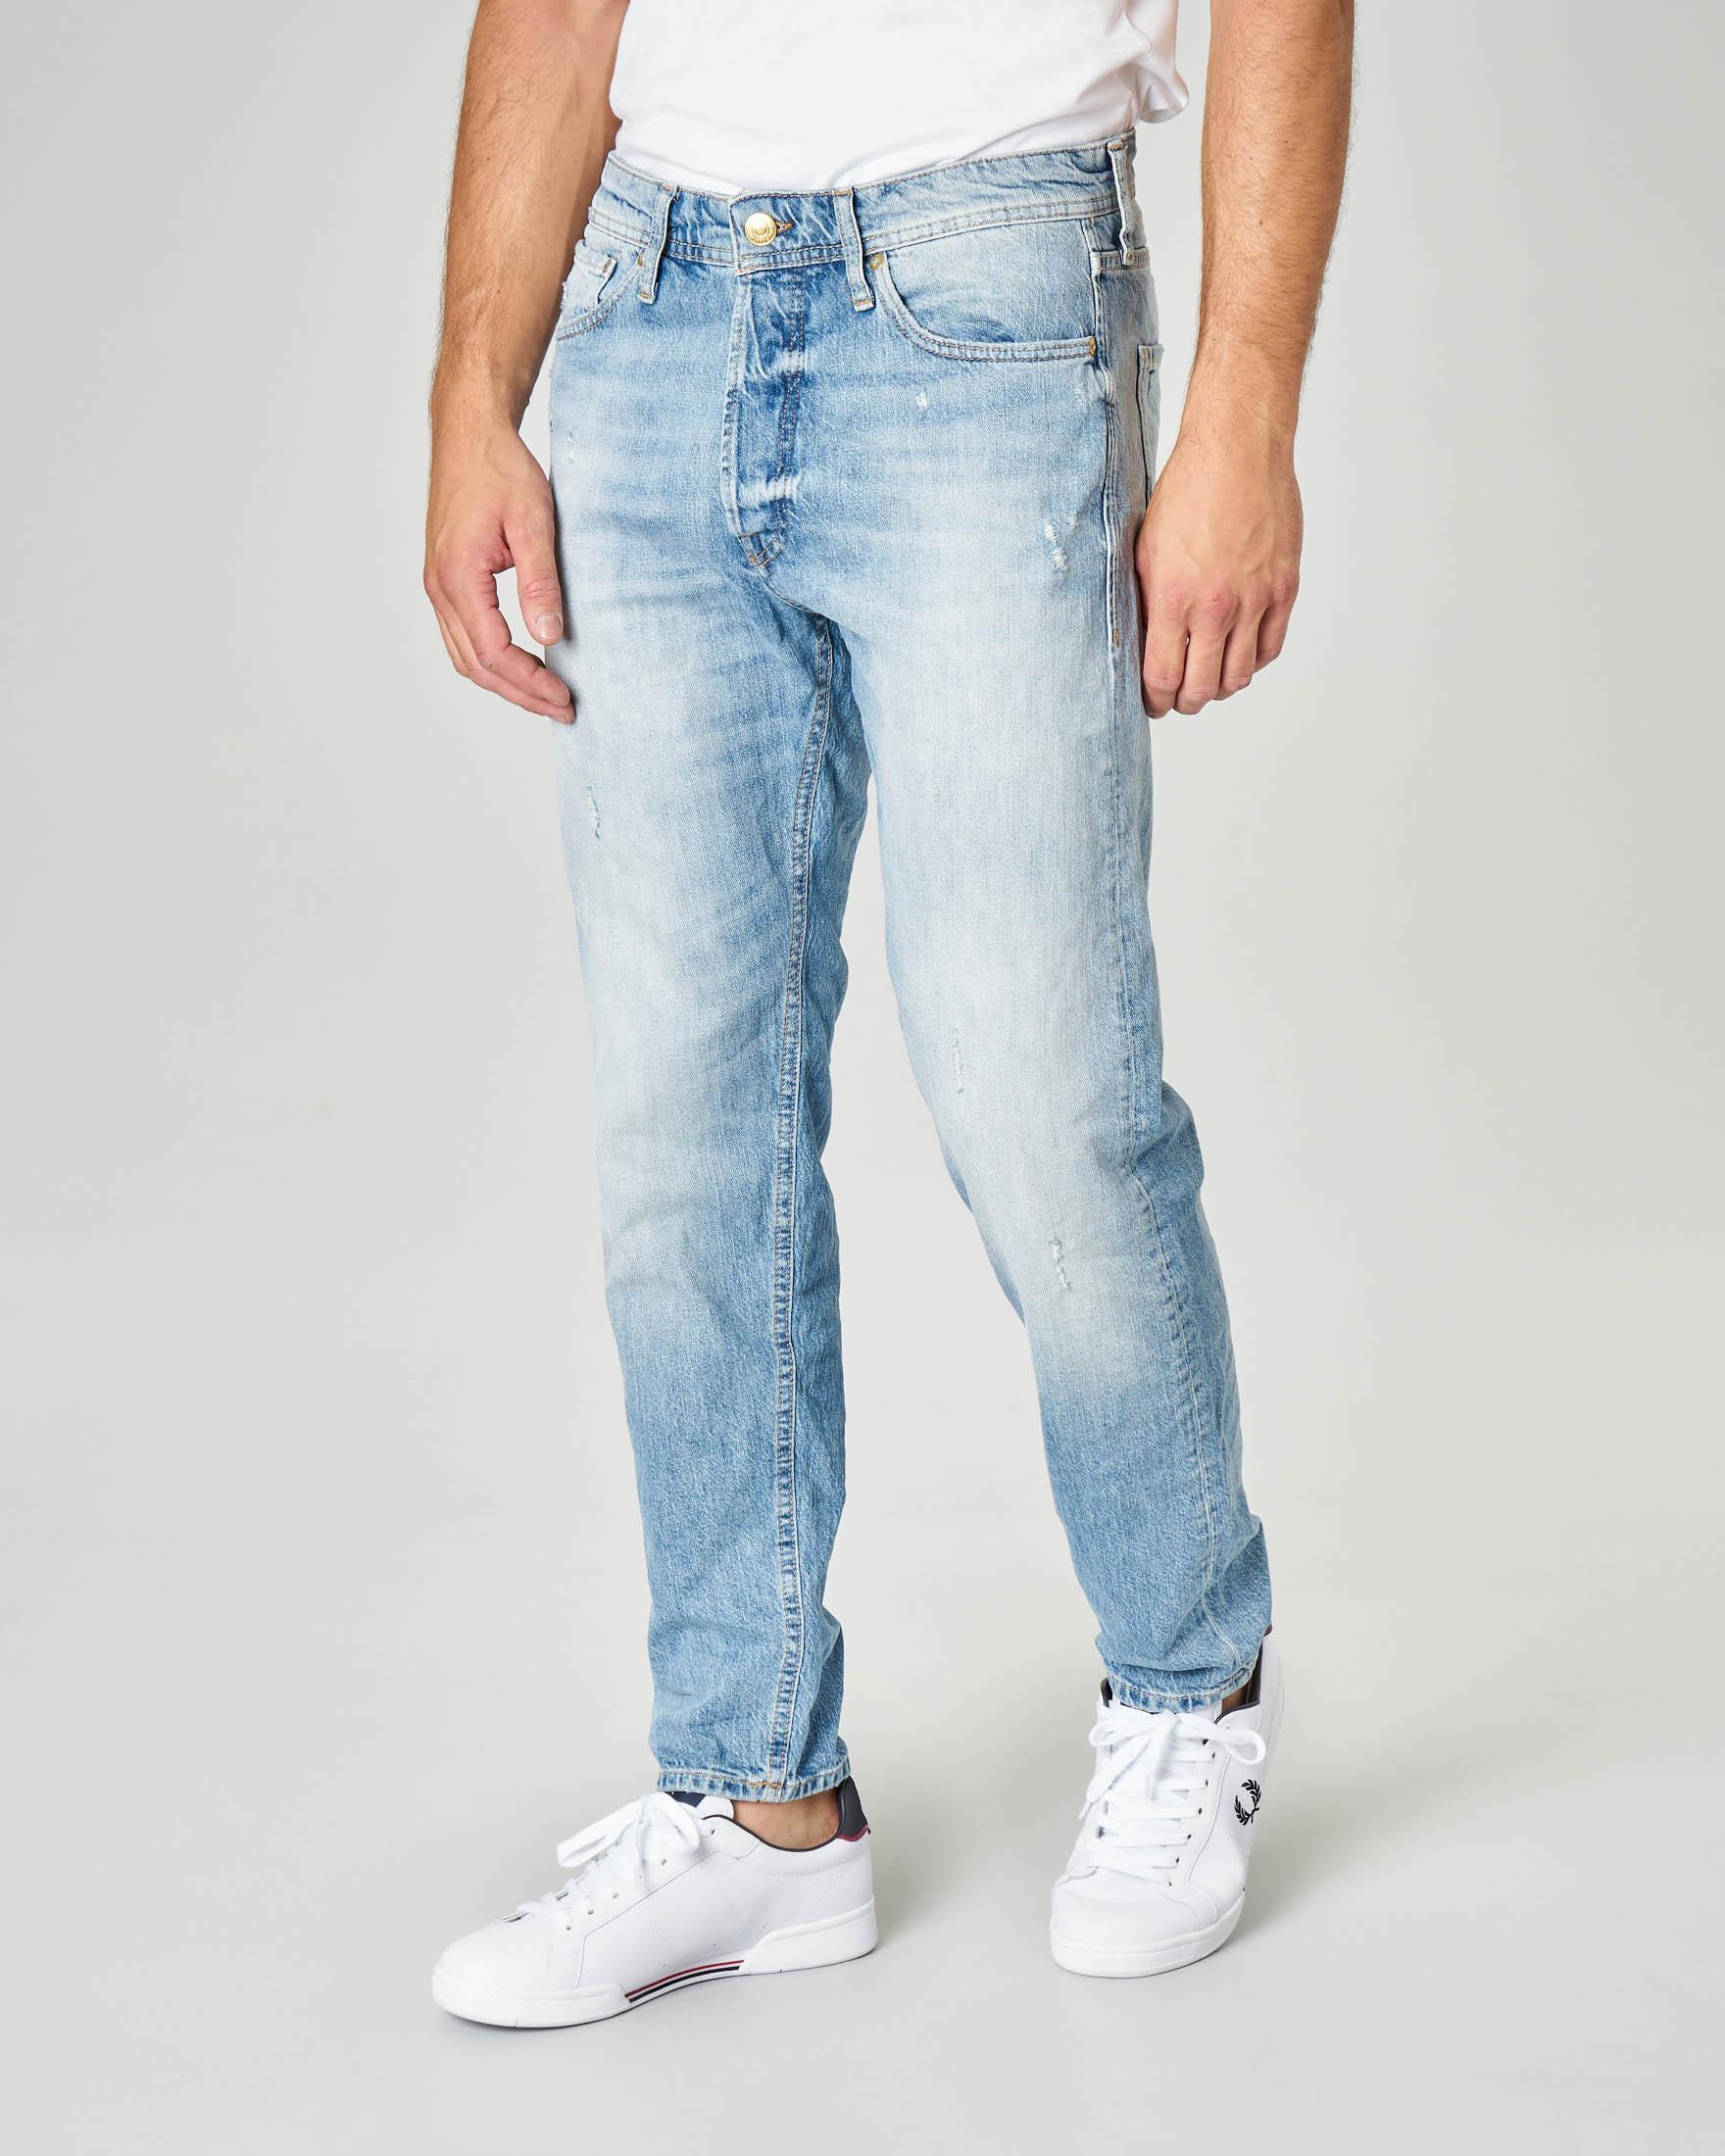 Jeans Fred lavaggio bleach con micro-abrasioni e vestibilità tapered